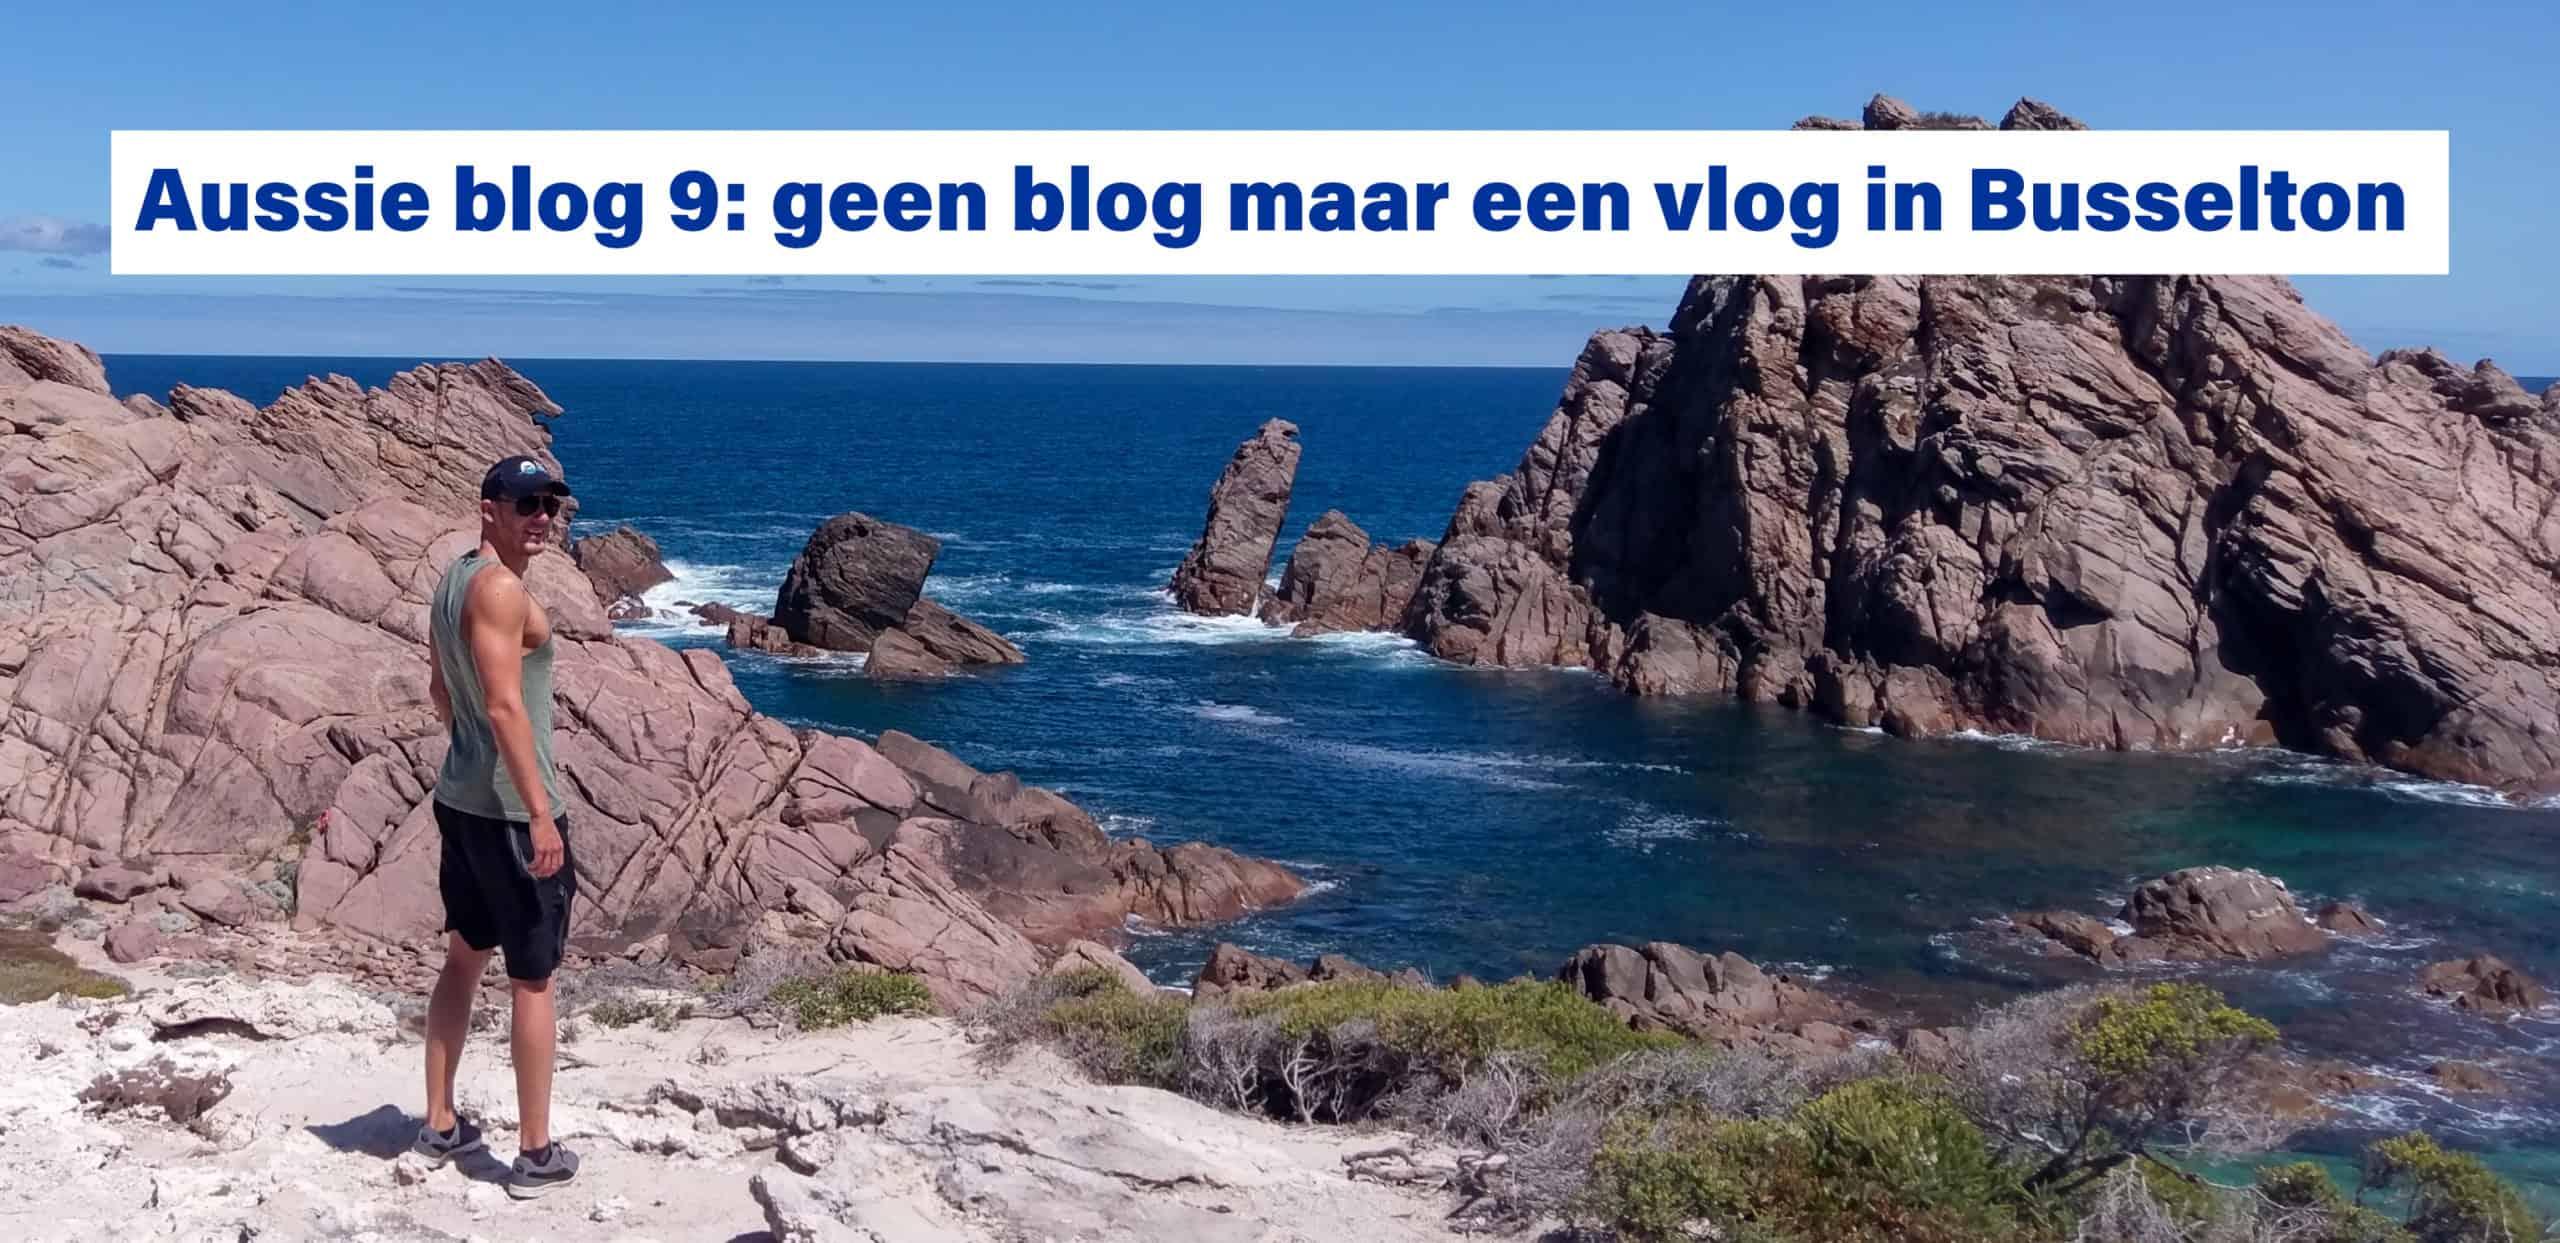 Vlog in Busselton - Lars Bottelier heeft in zijn zwemblog een vlog gemaakt over zijn reis naar Busselton in Australië. volg zijn reis en zijn road to Parijs 2024.